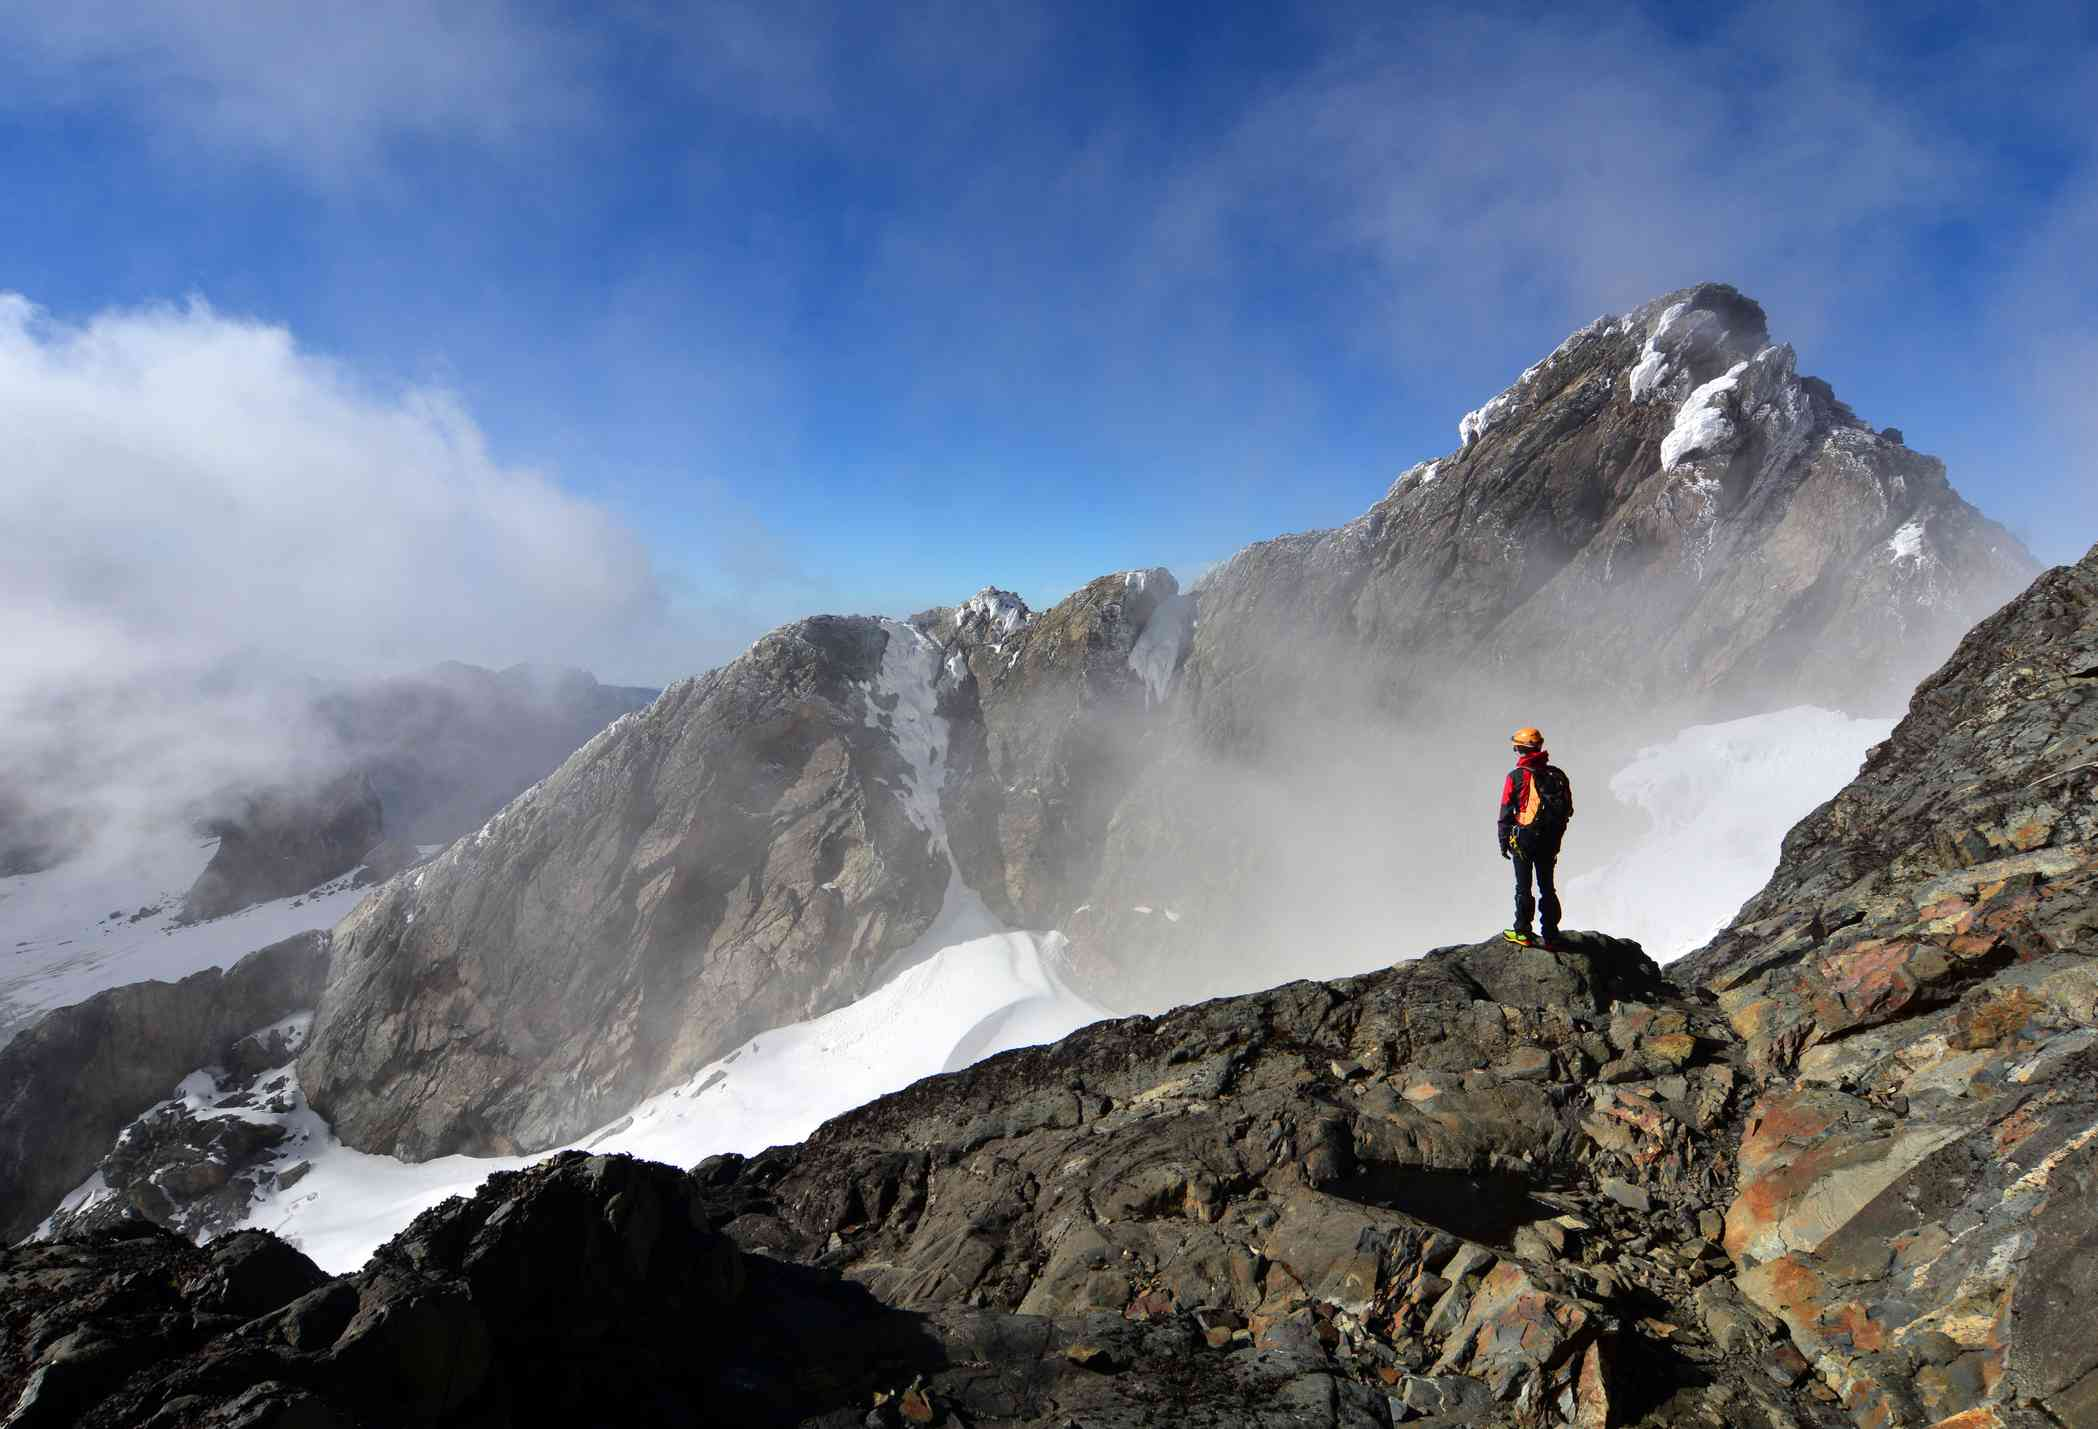 Approaching the peak of Mount Margherita, Rwenzori Mountains